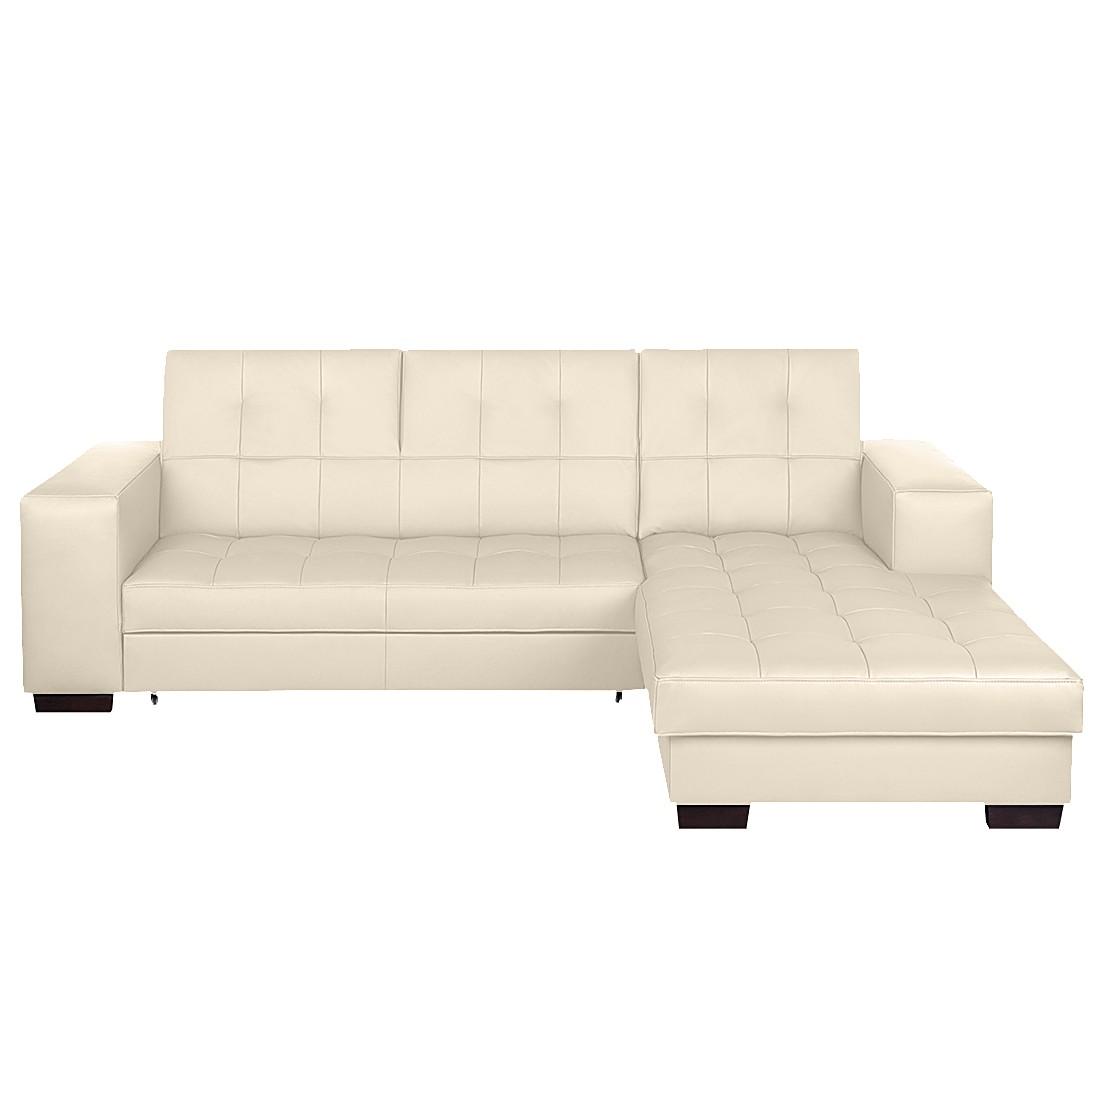 Ecksofa Soliera (mit Schlaffunktion) – Echtleder Beige – Longchair davorstehend rechts, loftscape kaufen